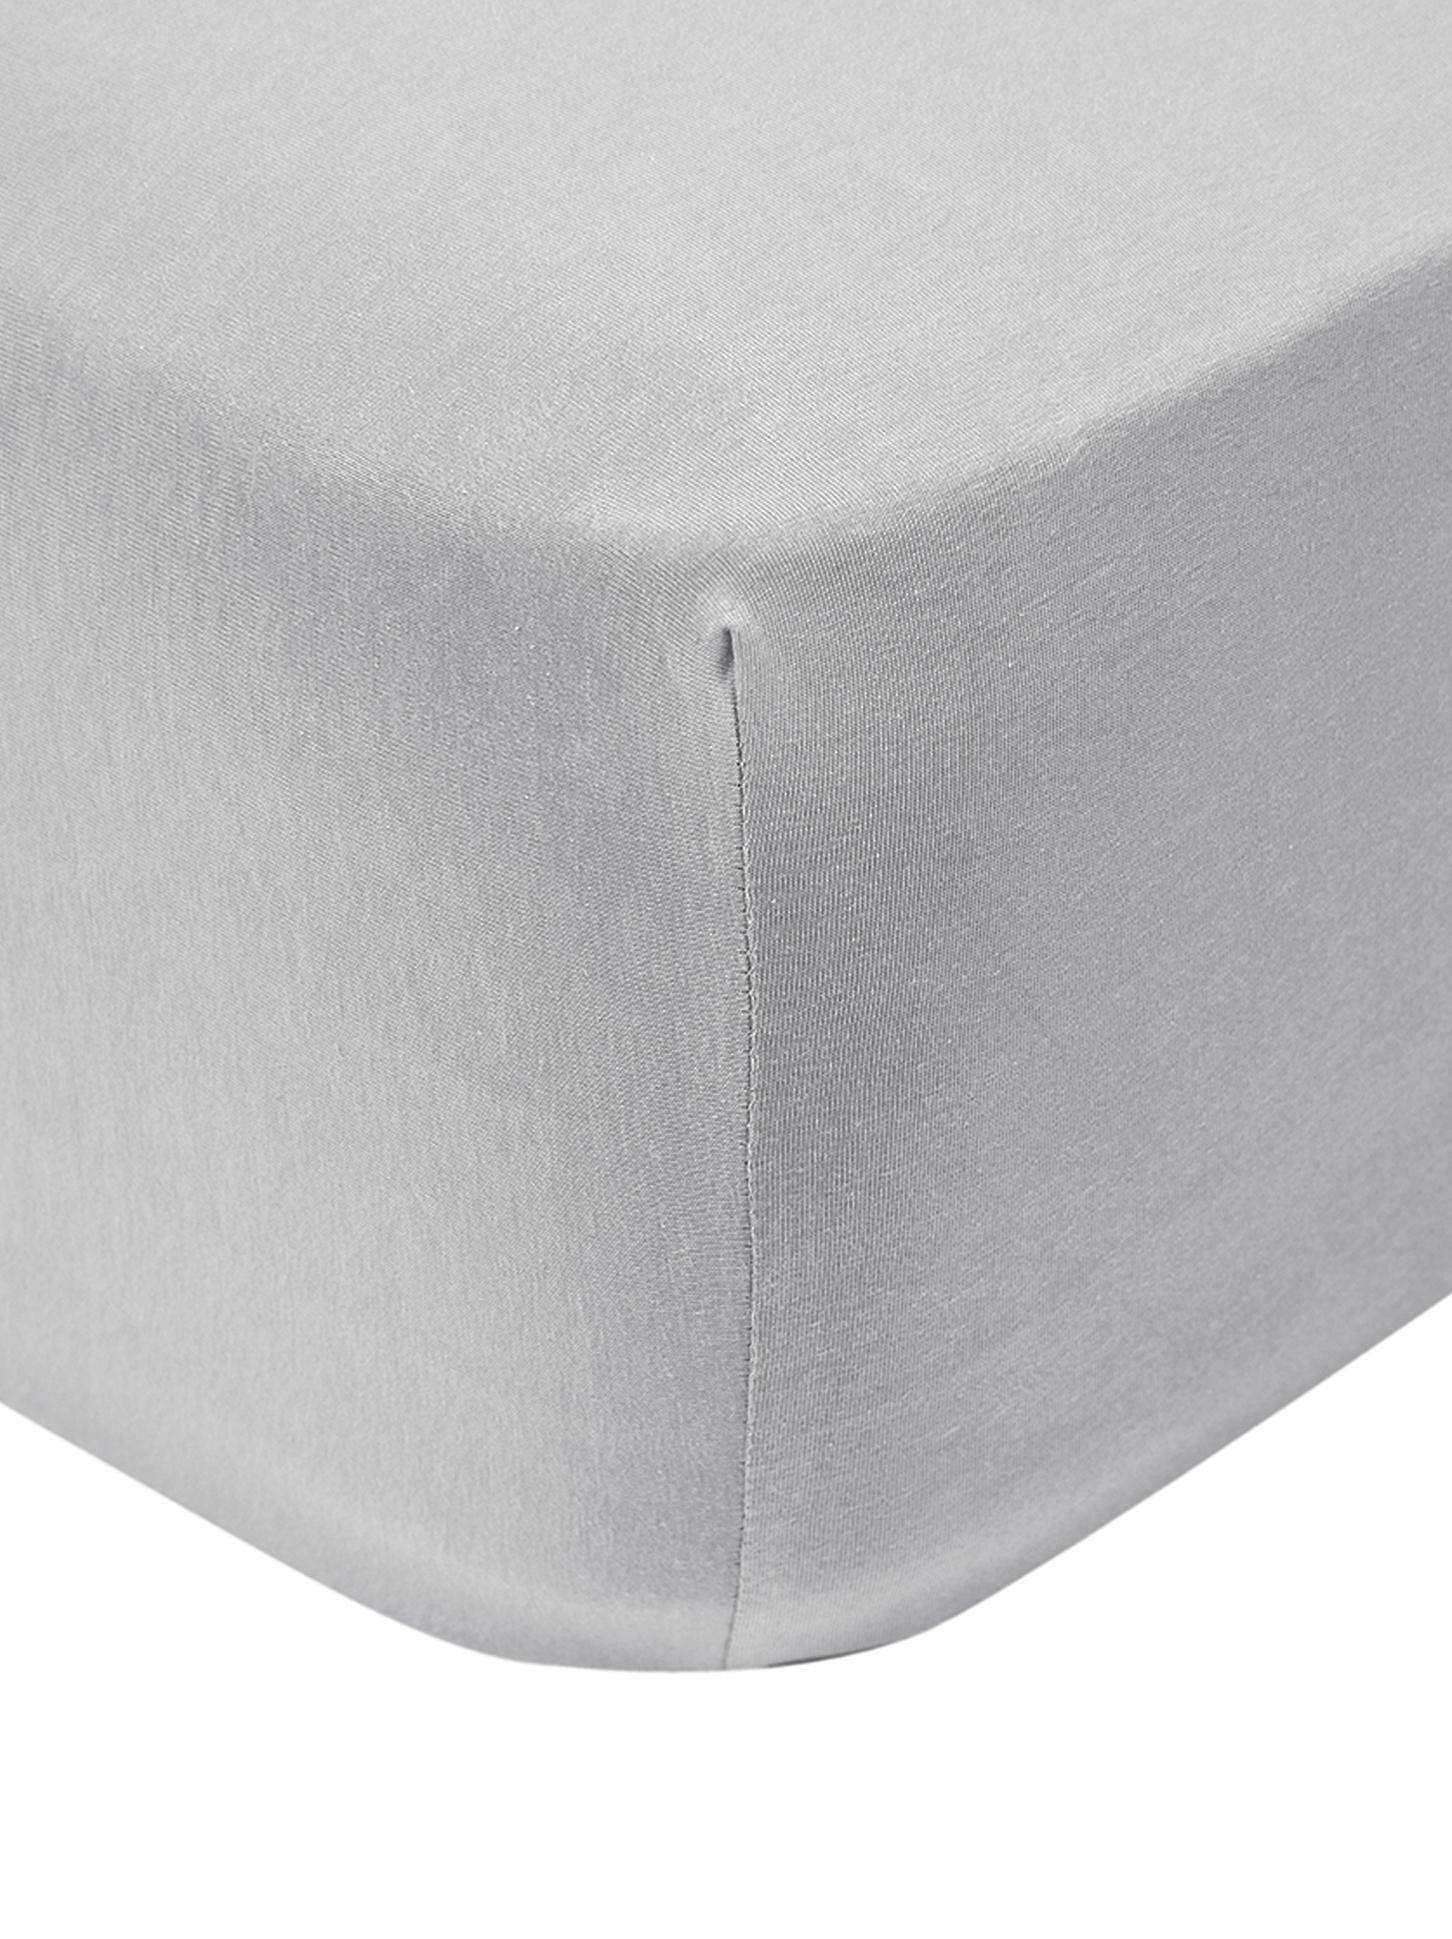 Sábana bajera para cubrecolchón de jersey con elastano Lara, 95%algodón, 5%elastano, Gris claro, Cama 150 cm (160 x 200 cm)